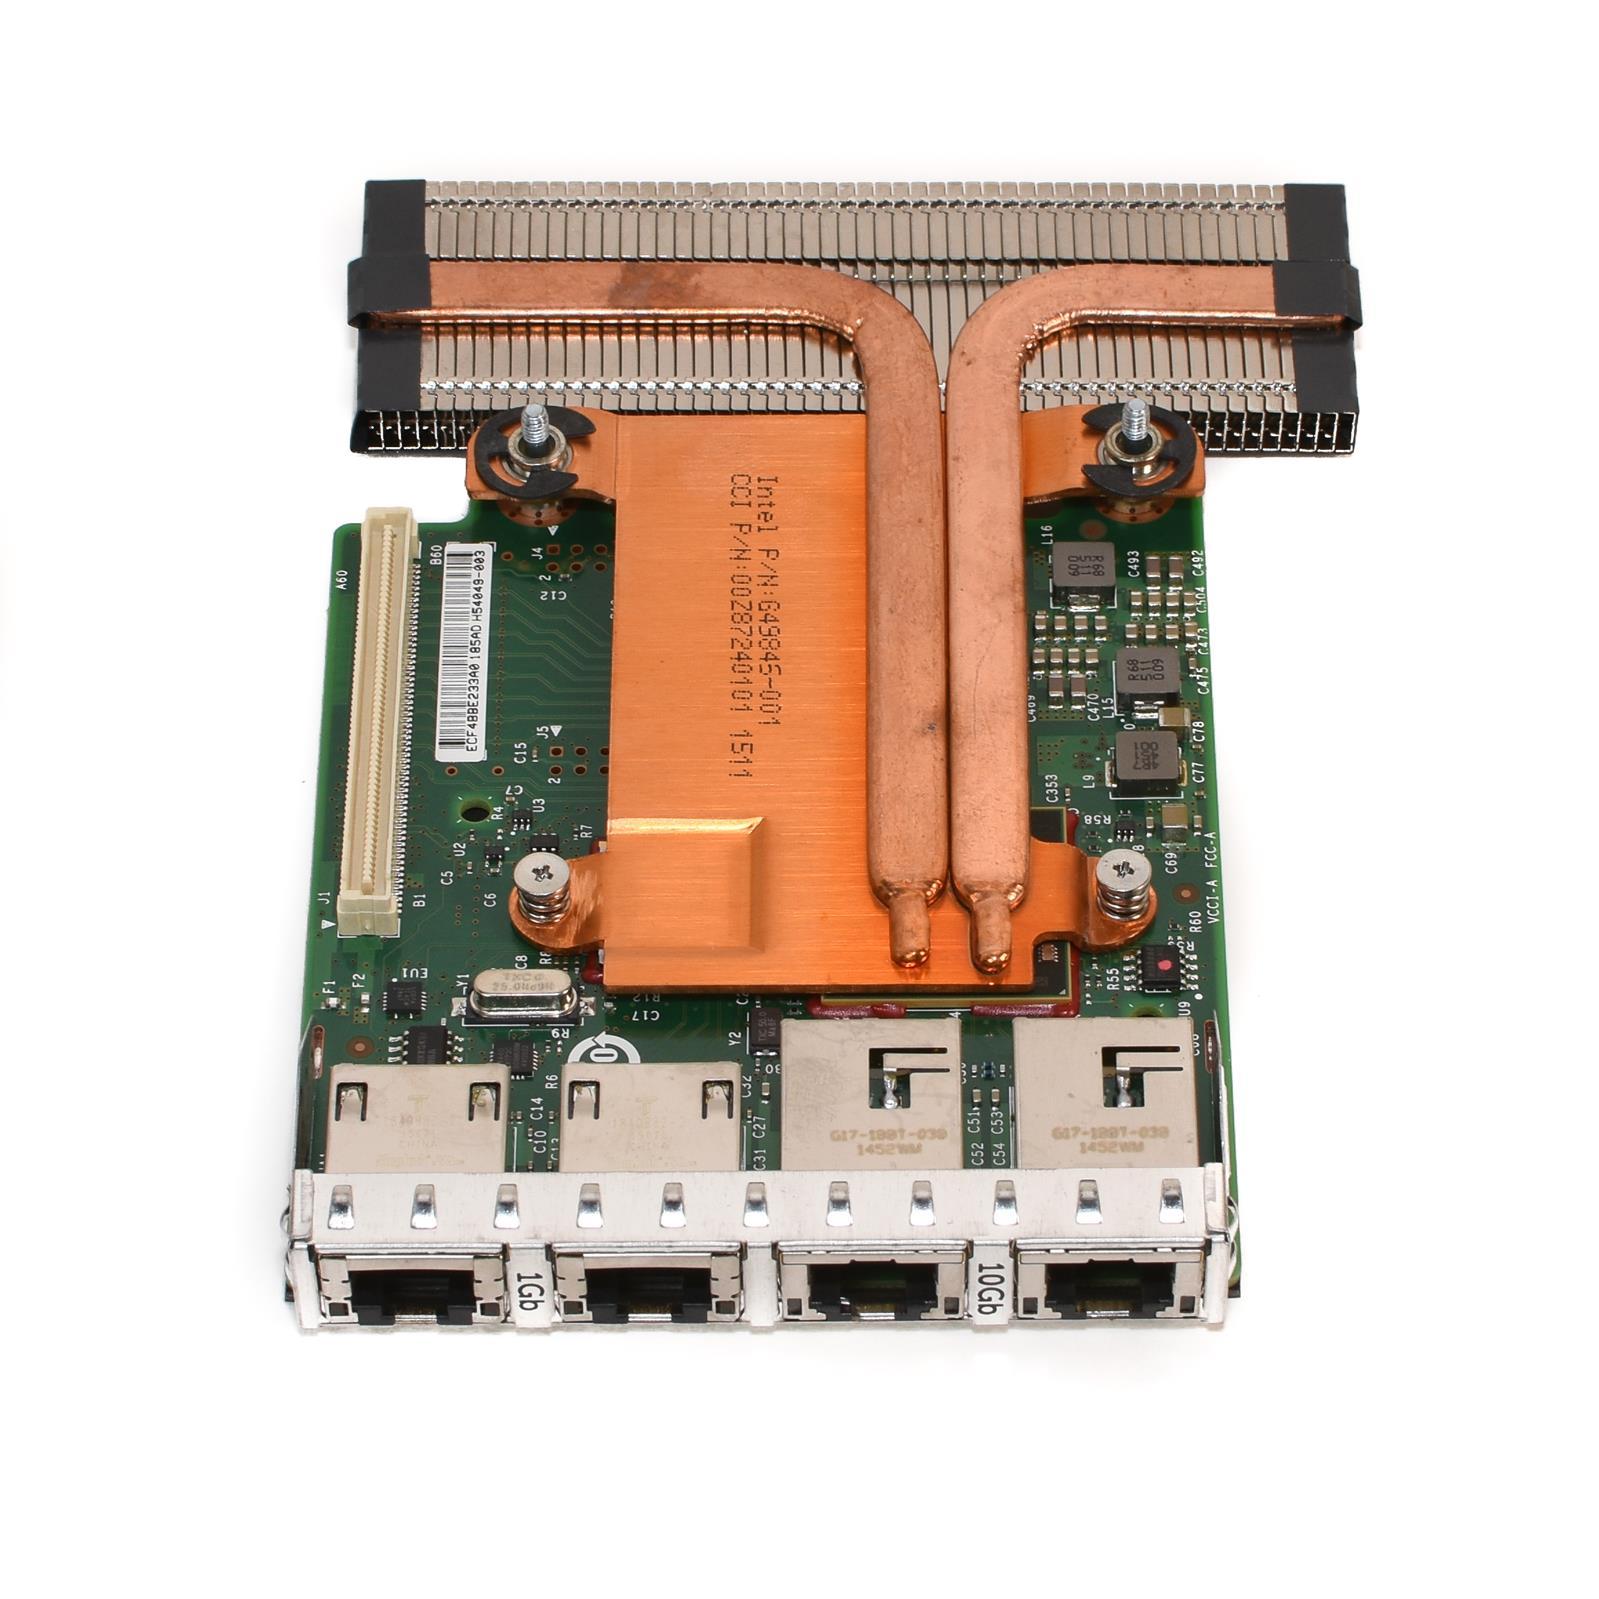 Details about Dell 99GTM INTEL 4-PORT X540 2X 10GB I350 2X 1GB NIC CARD  R620/R720/R630/R730